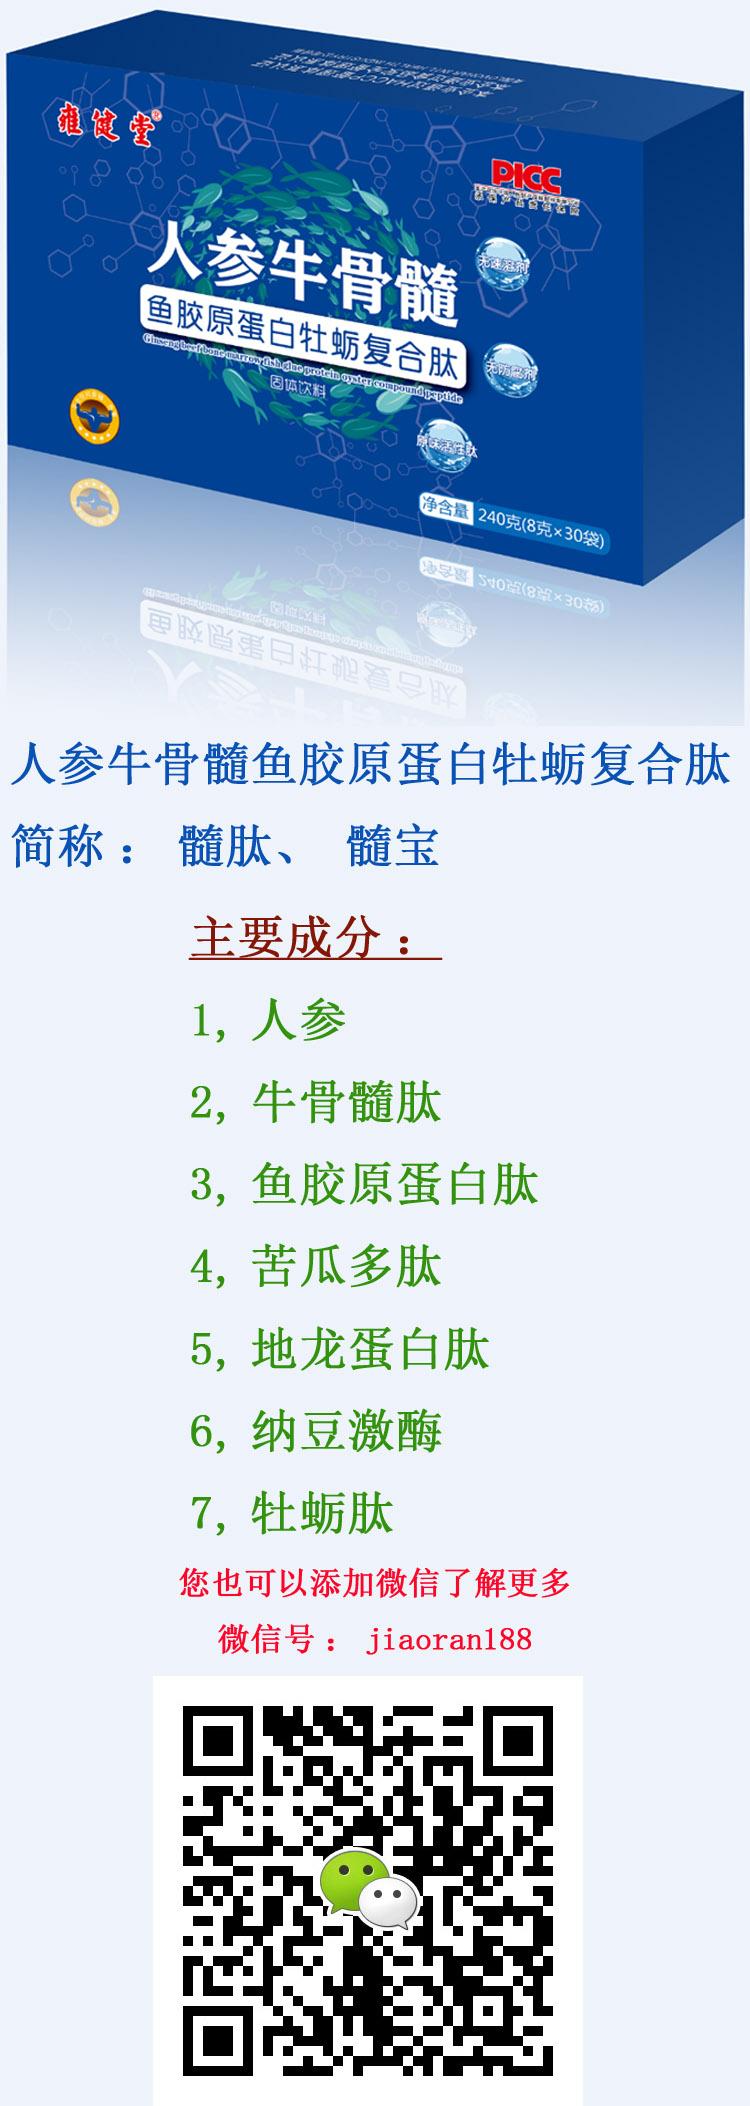 人参牛骨髓鱼胶原蛋白牡蛎复合肽.jpg